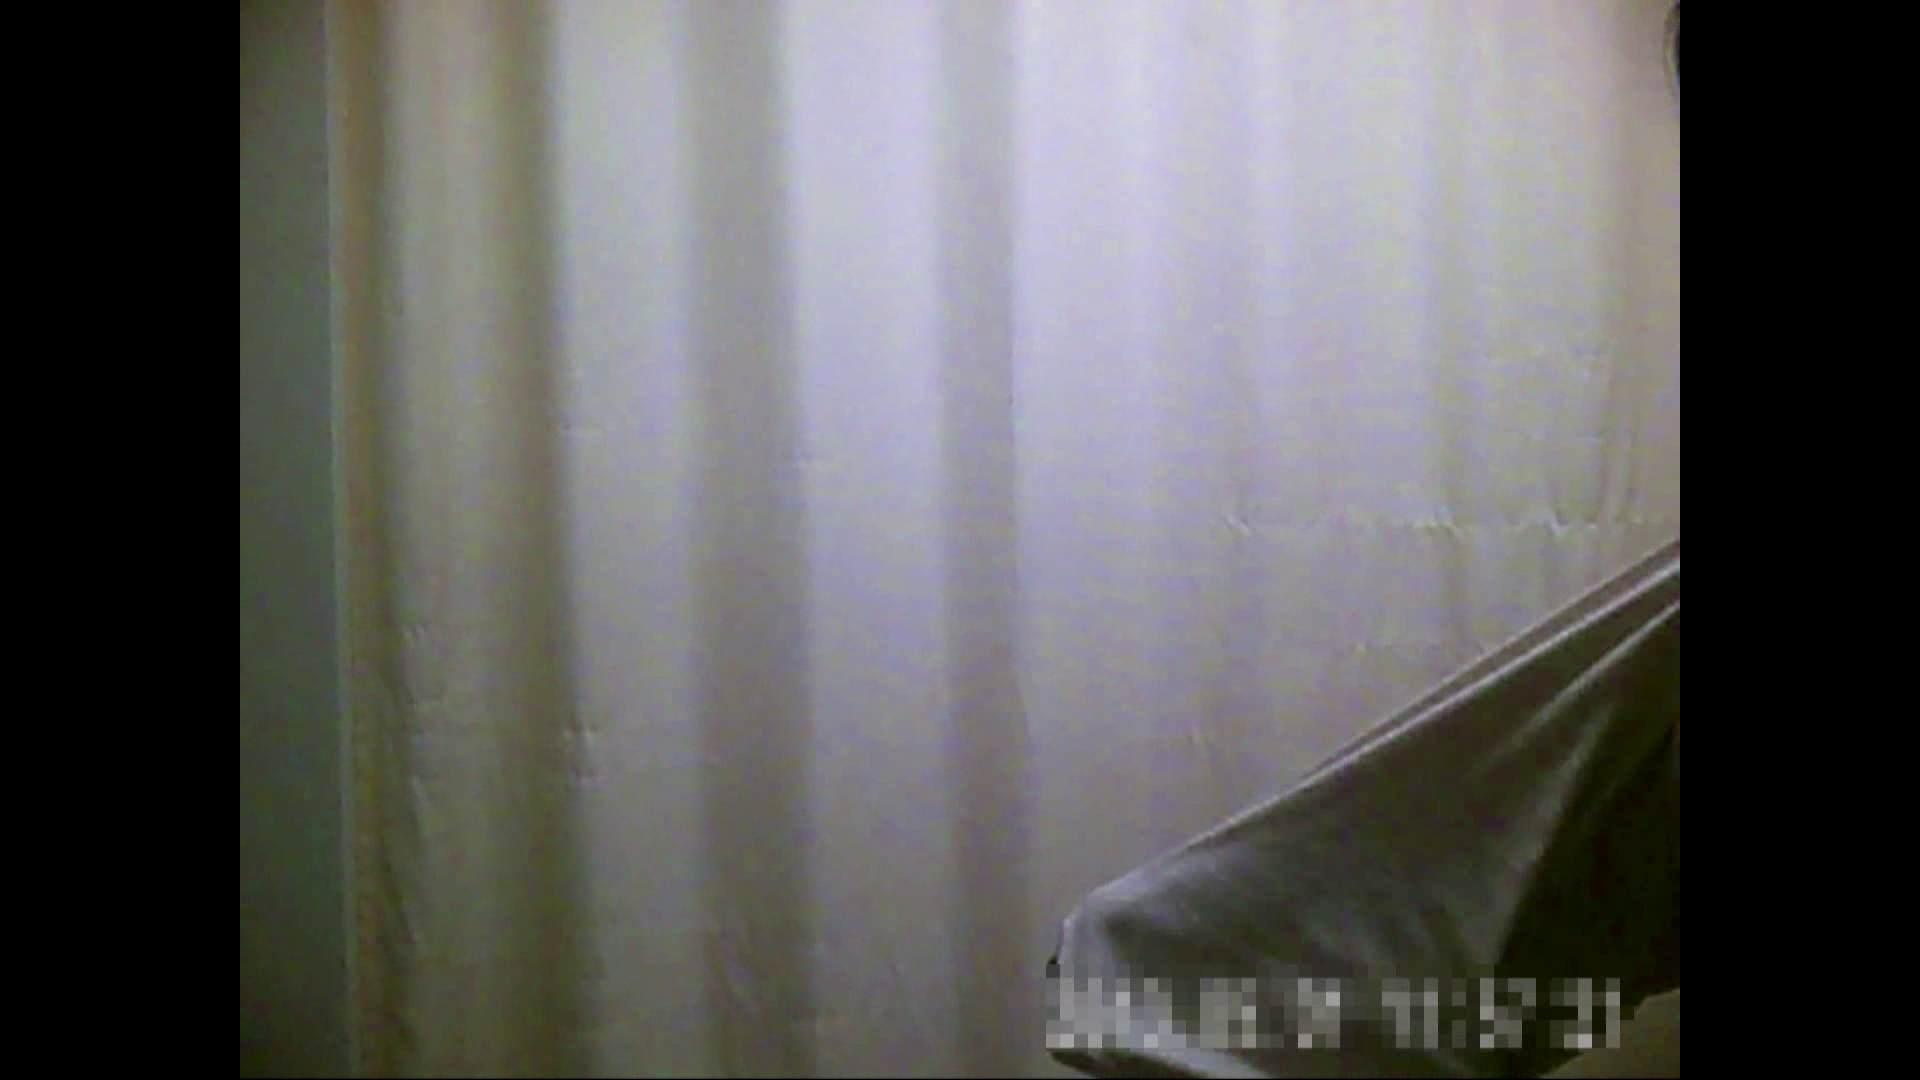 元医者による反抗 更衣室地獄絵巻 vol.089 盛合せ | 0  113画像 71